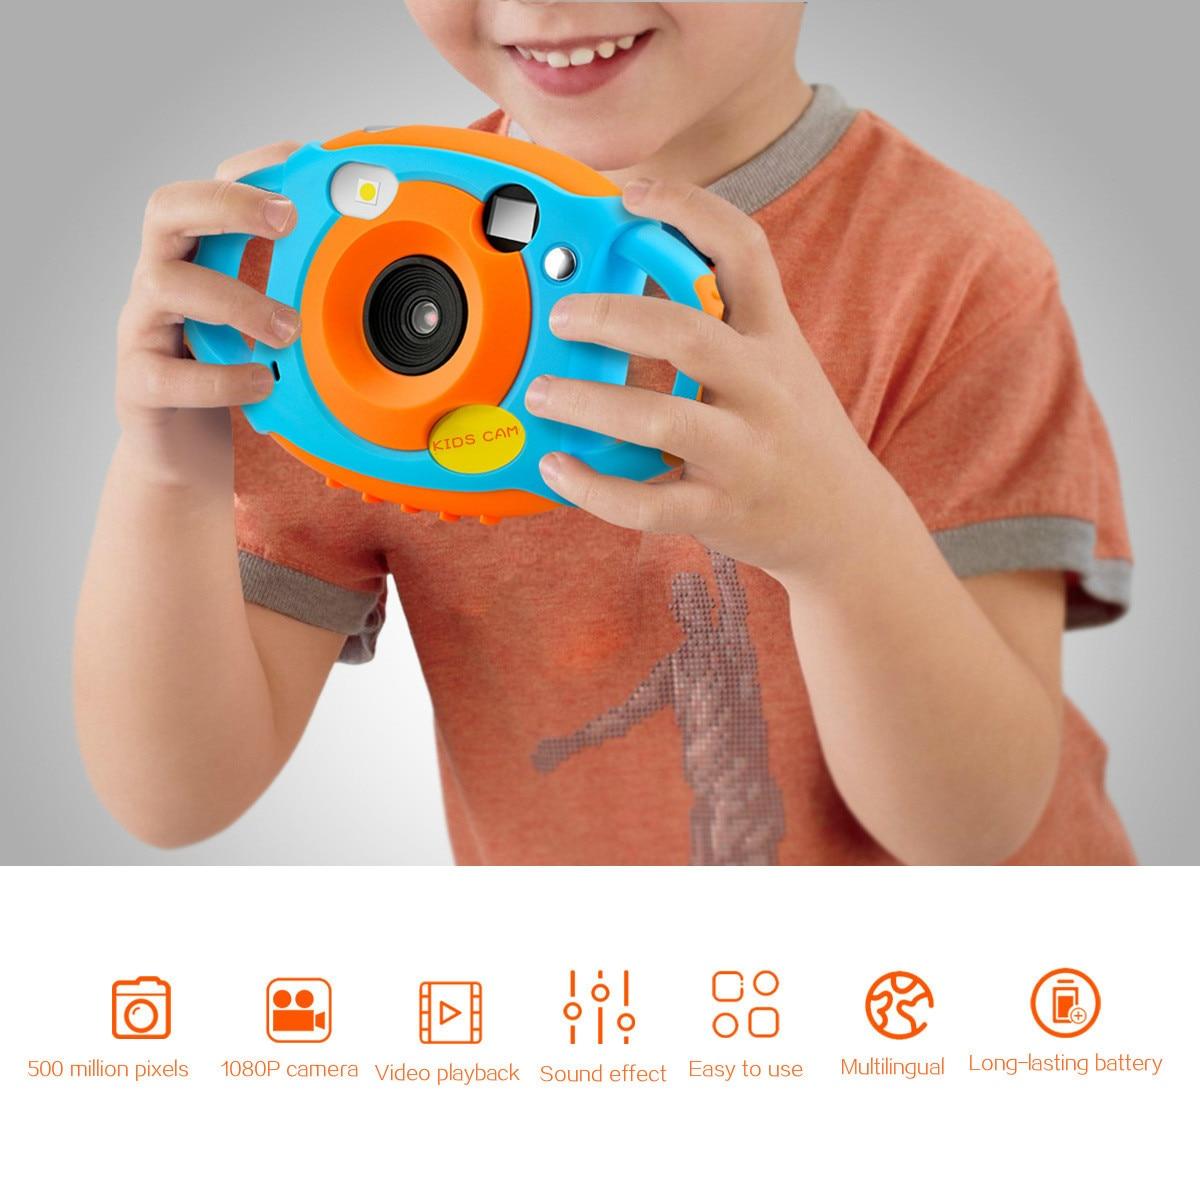 GM06 Enfants Jouet Caméra 4X Numérique Zoom Caoutchouc Portable DV Bande Dessinée Cadeau Selfie D'intérêt Développement Livraison Gratuite